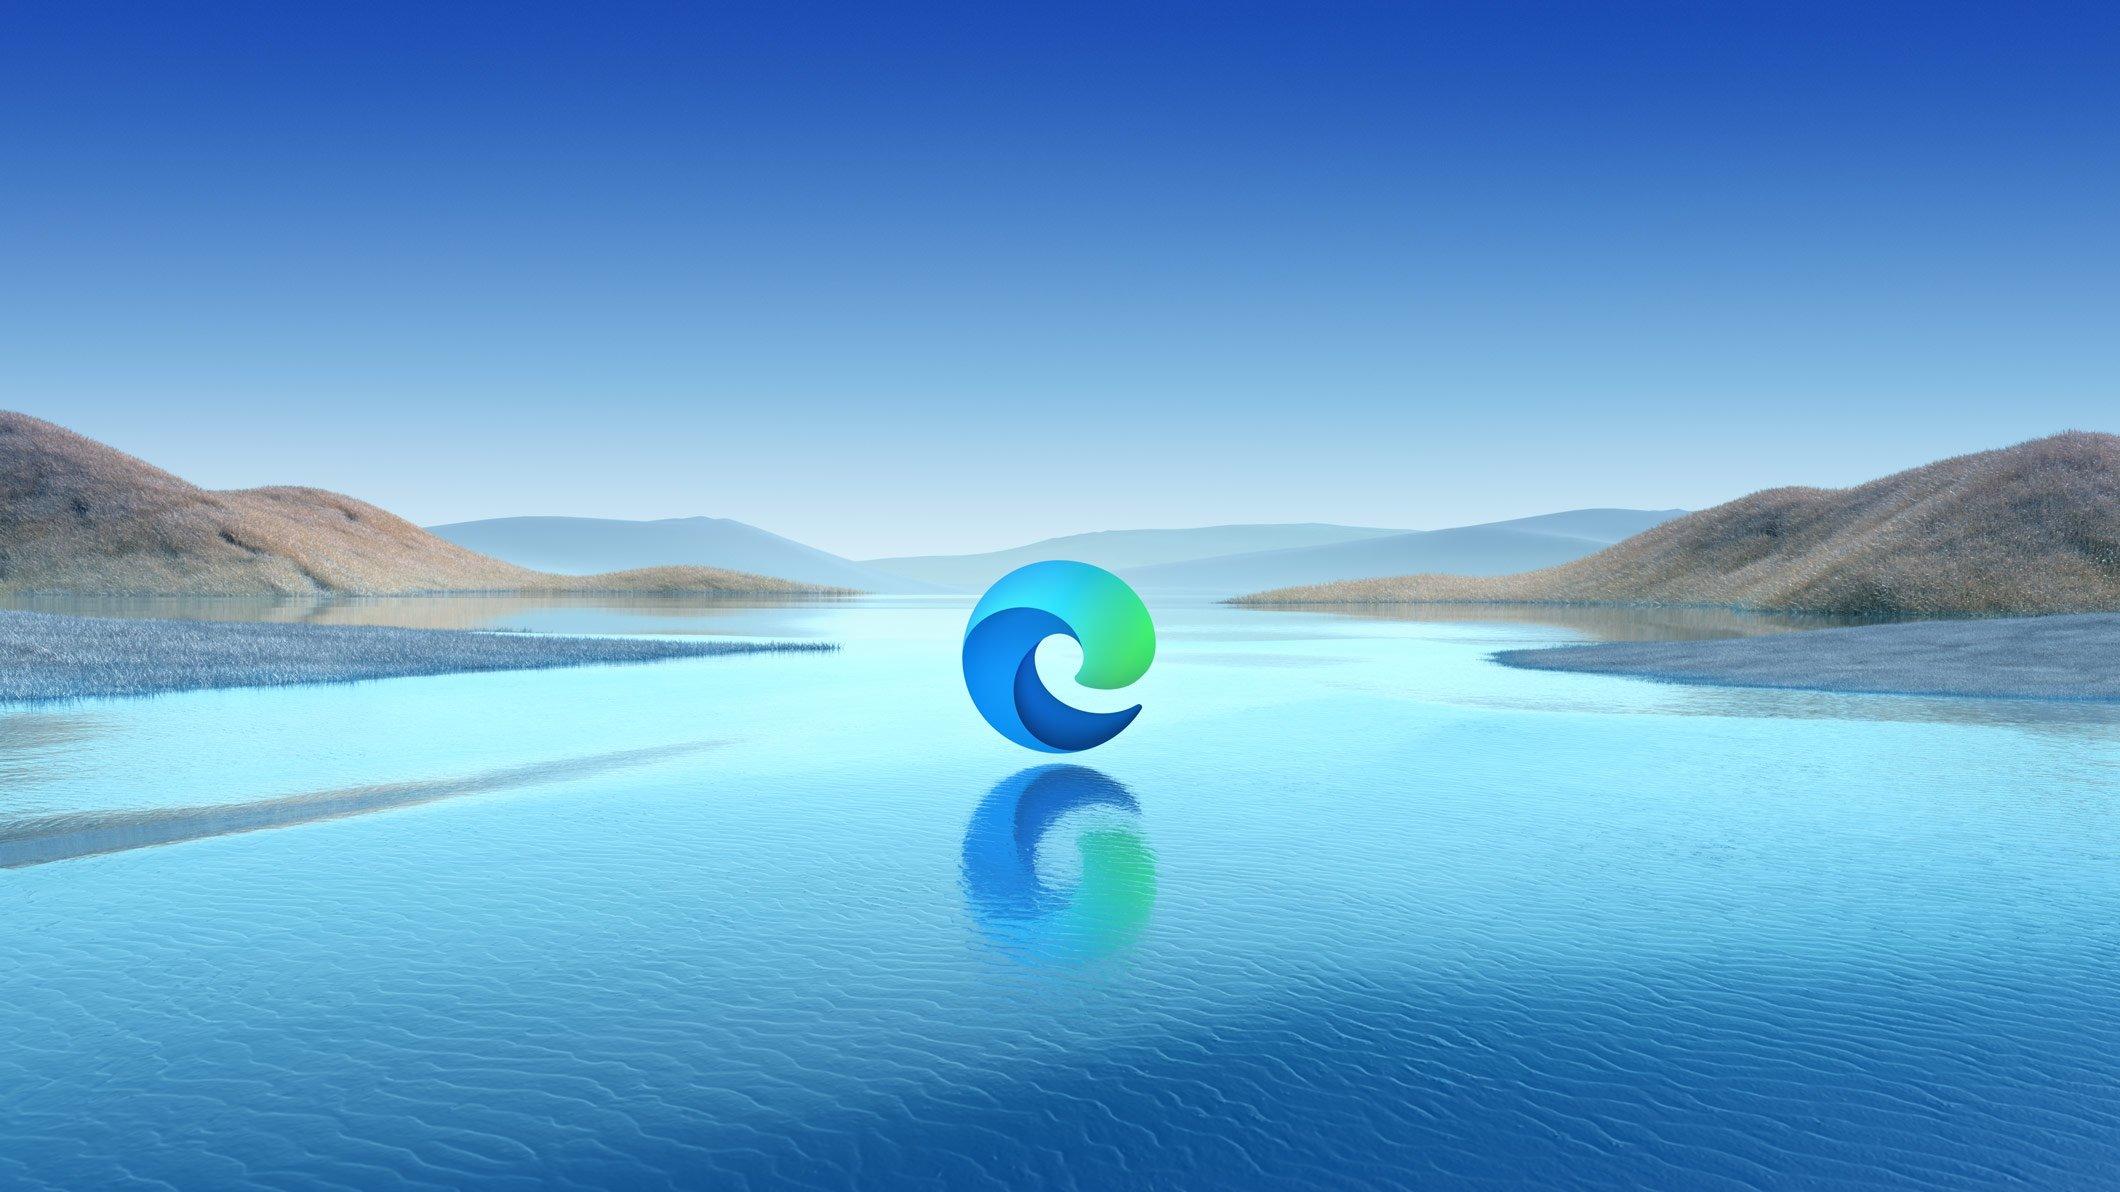 Edge navegador logo